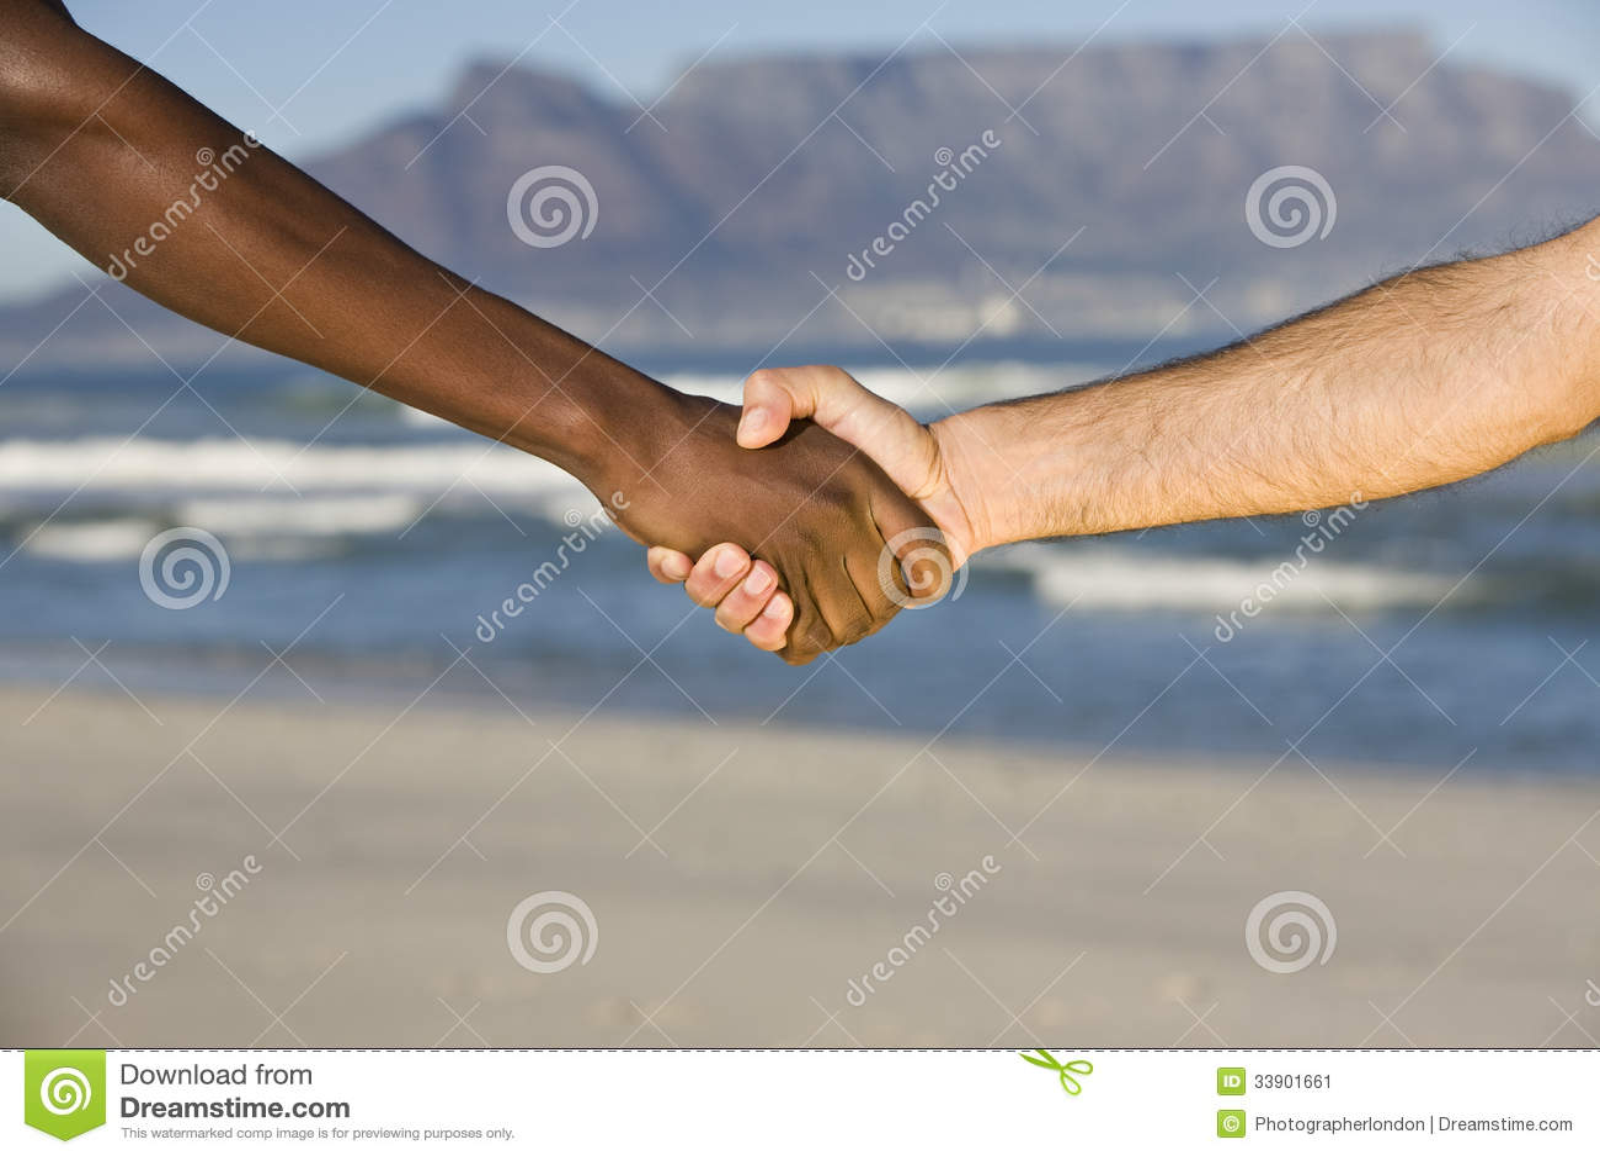 Stretta di mano multietnica alla spiaggia della montagna - Alla colorazione della spiaggia ...